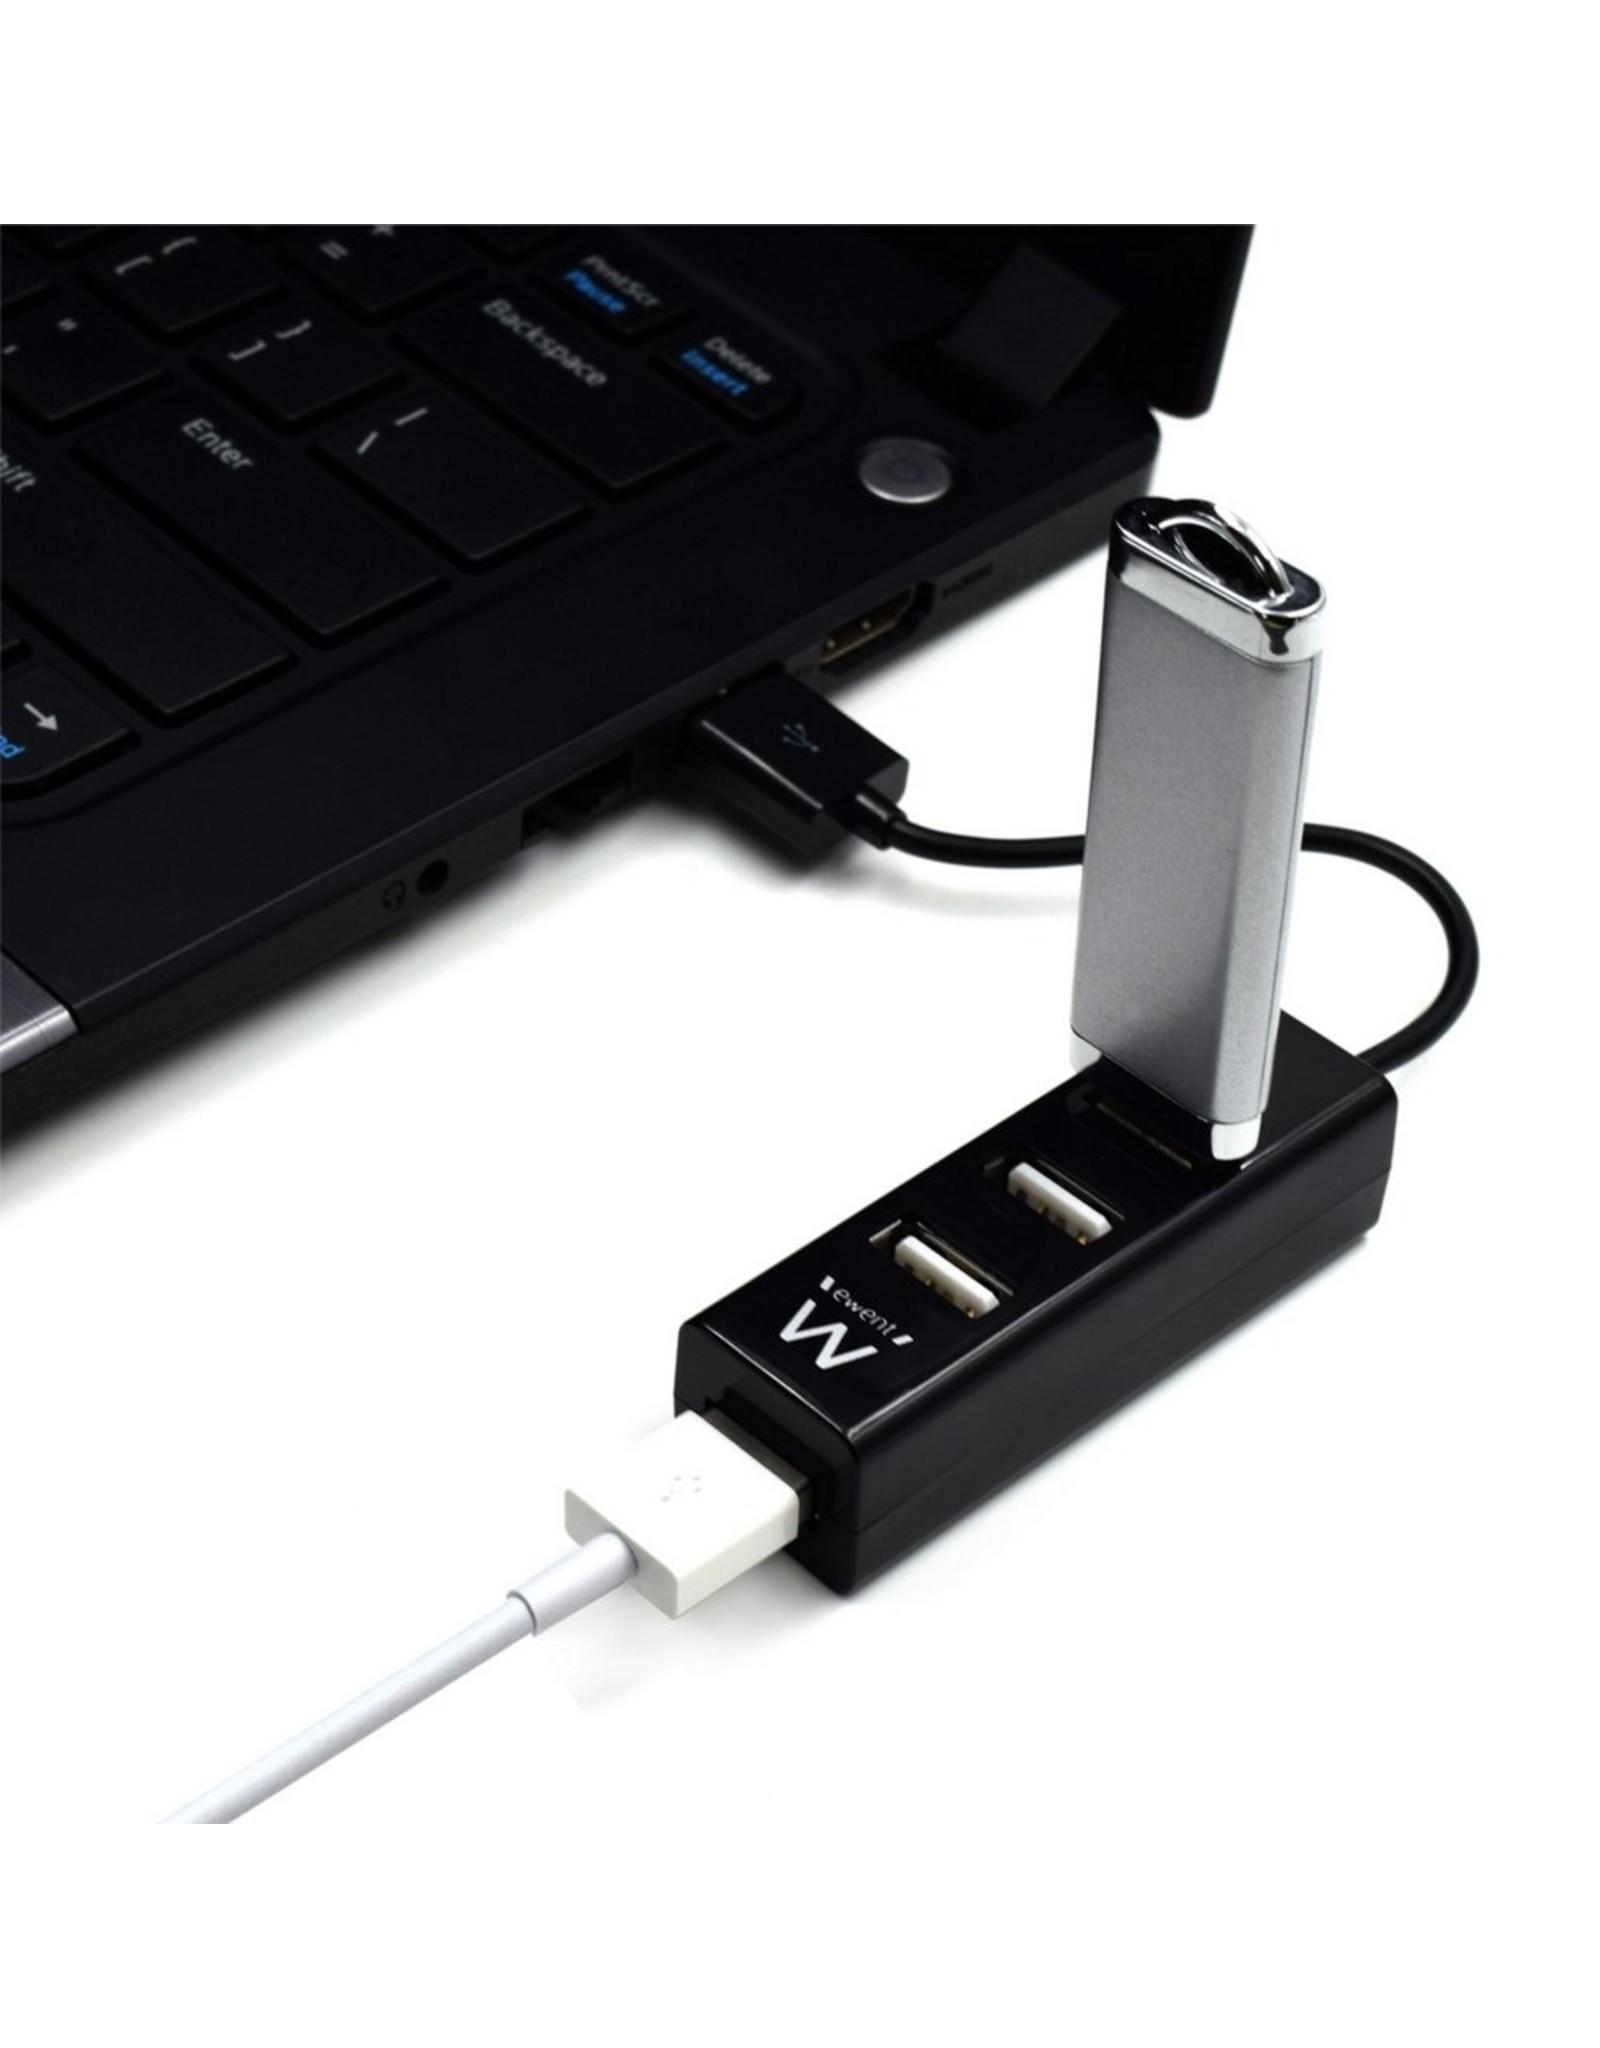 Ewent USB 2.0 Hub mini 4 port